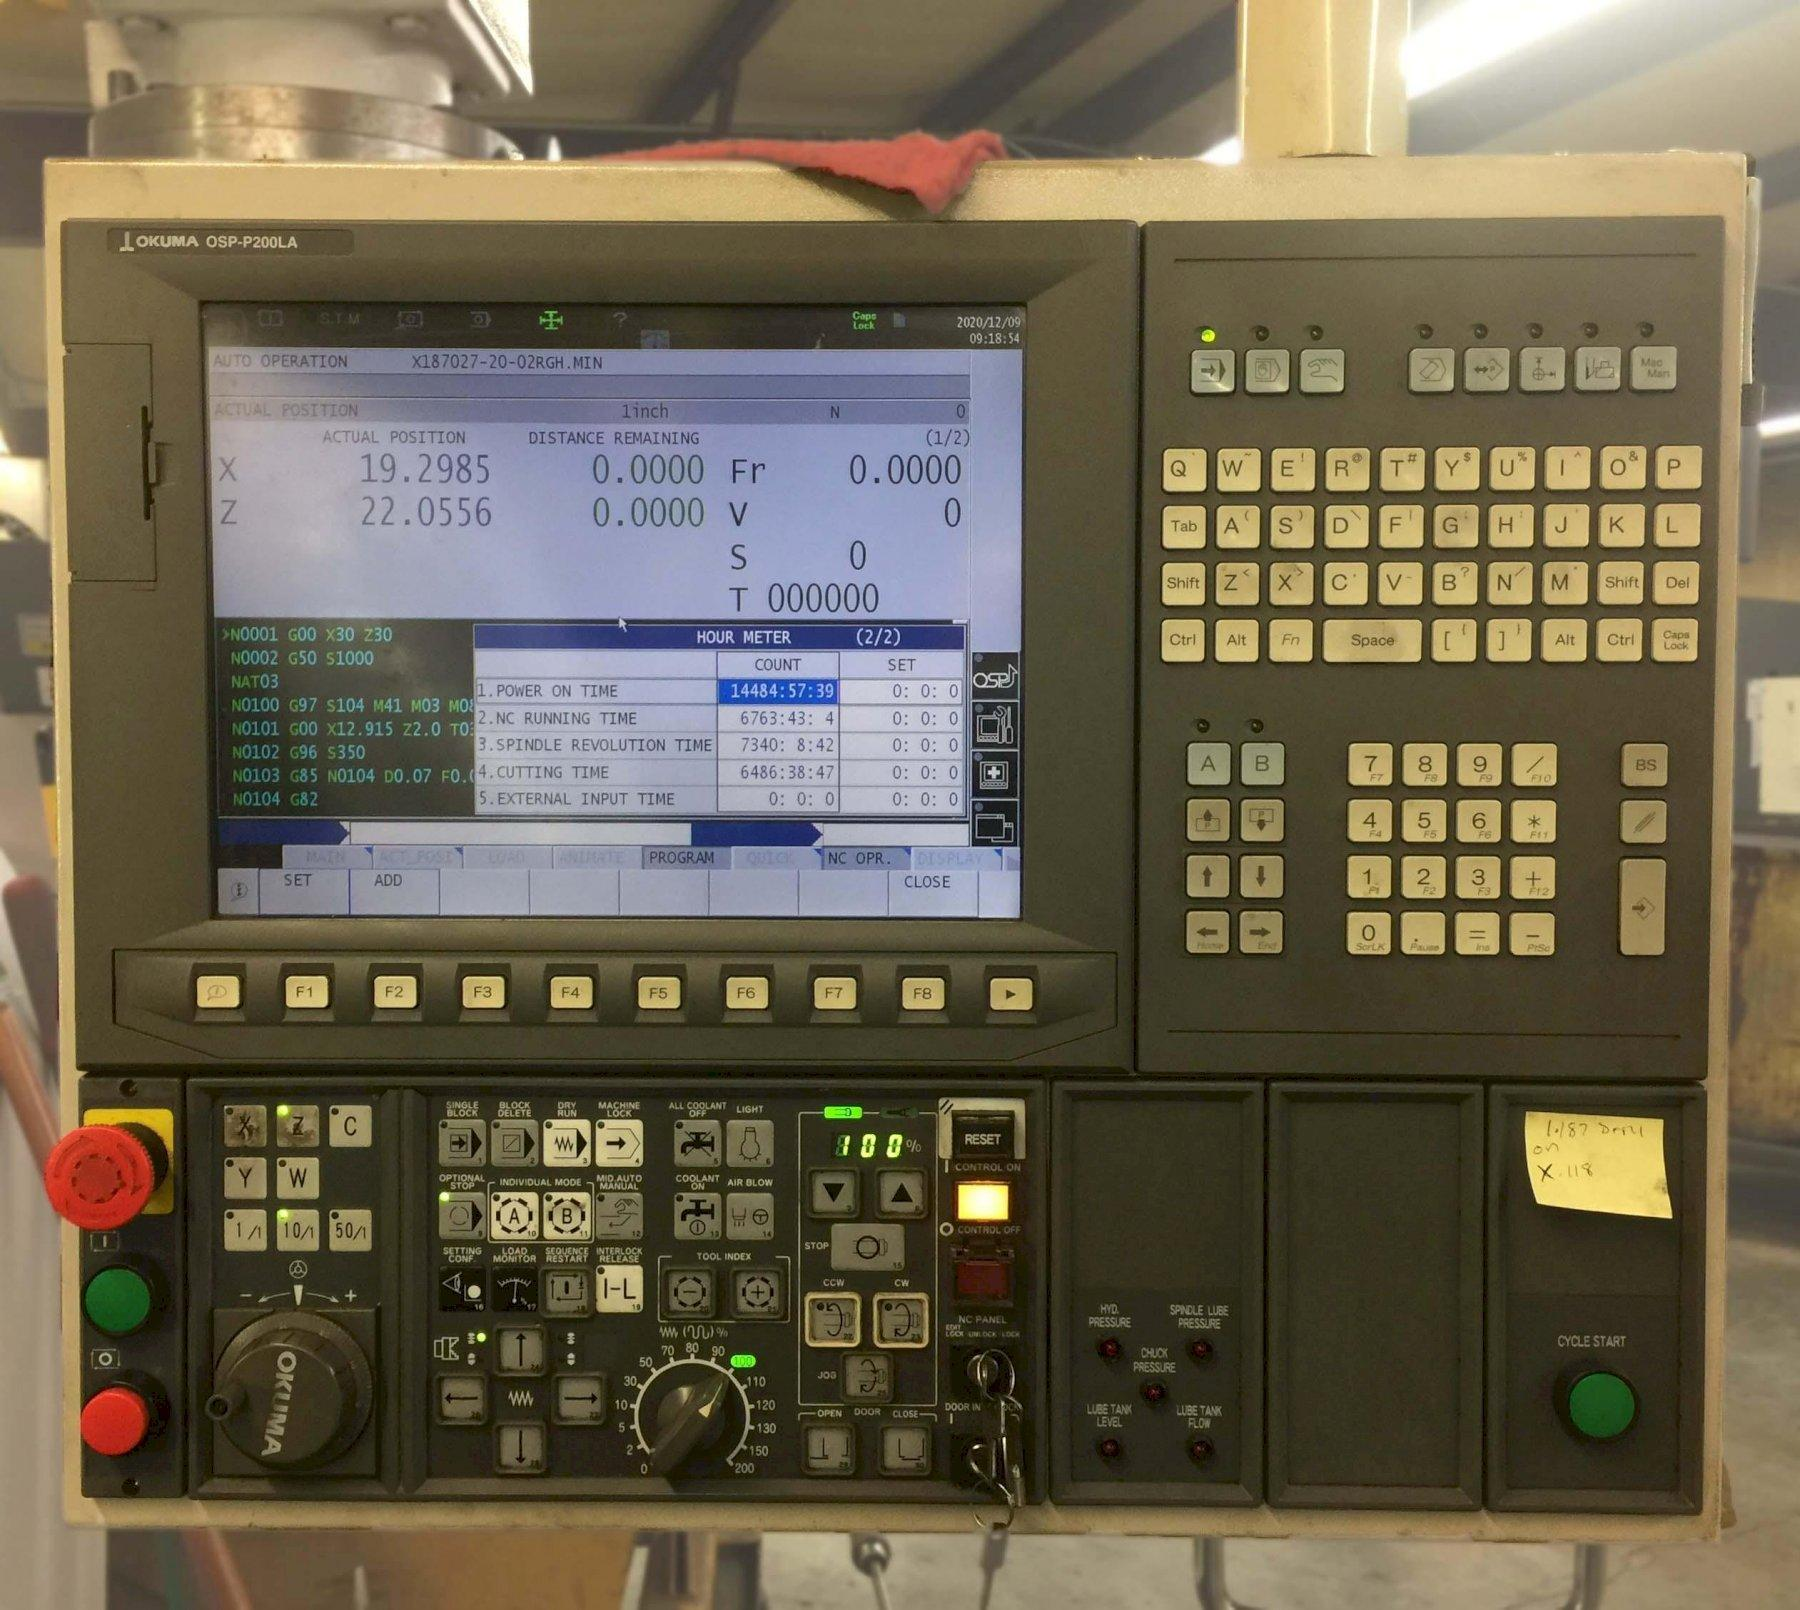 """OKUMA LB-35II/C850, OSP -200L CNC Control, 15"""" Hydraulic Chuck, 27.5"""" Max Swing, 36"""" Between Centers, 3.5"""" Bar Capacity, New 2012."""